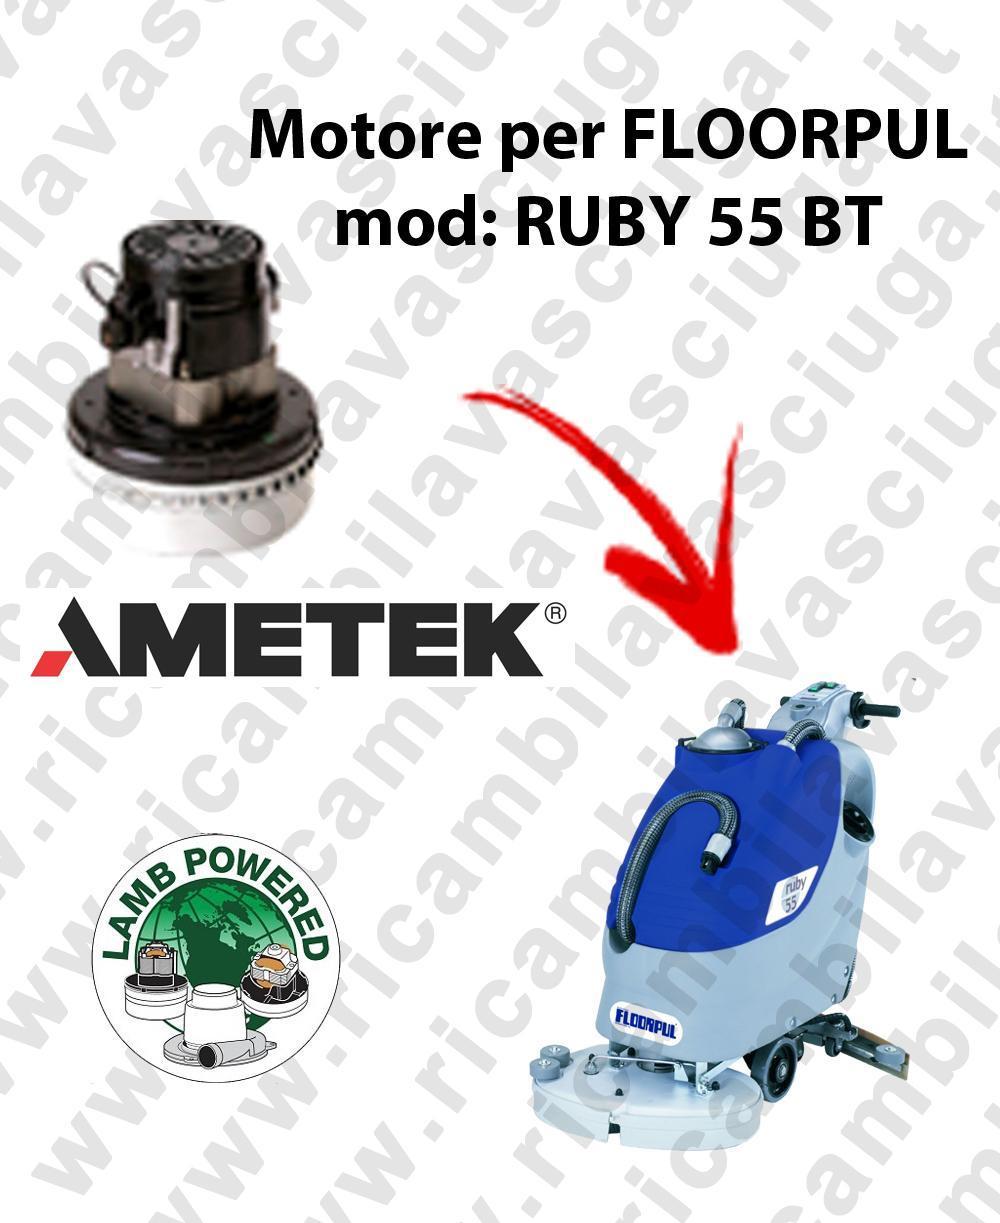 RUBY 55 BT MOTEUR ASPIRATION LAMB AMATEK pour autolaveuses FLOORPUL